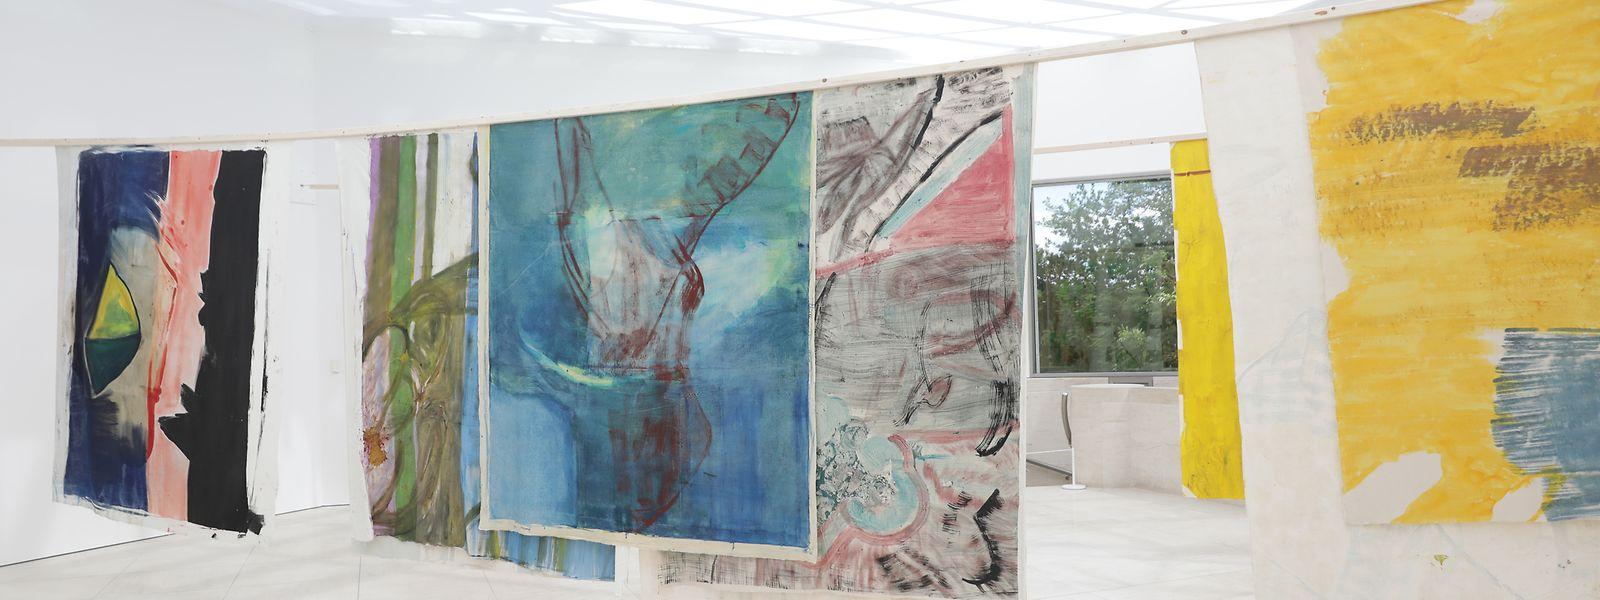 Une vingtaine de toiles sans cadre de Vivian Suter sont accrochées dans l'espace du Pavillon du Mudam.